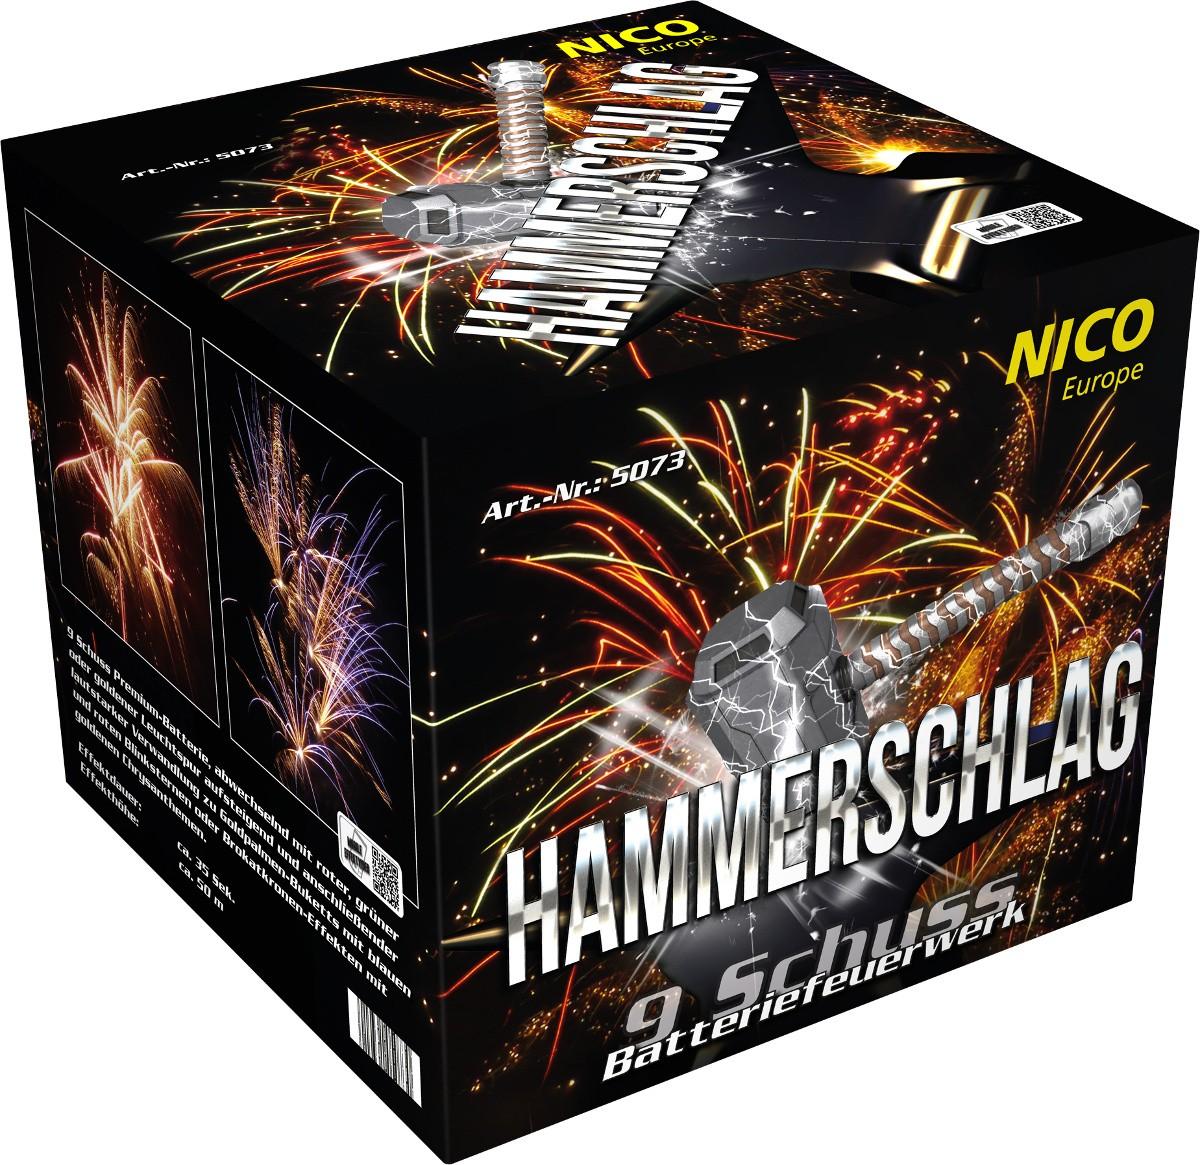 Feuerwerk Batterie Hammerschlag 9 Schuss